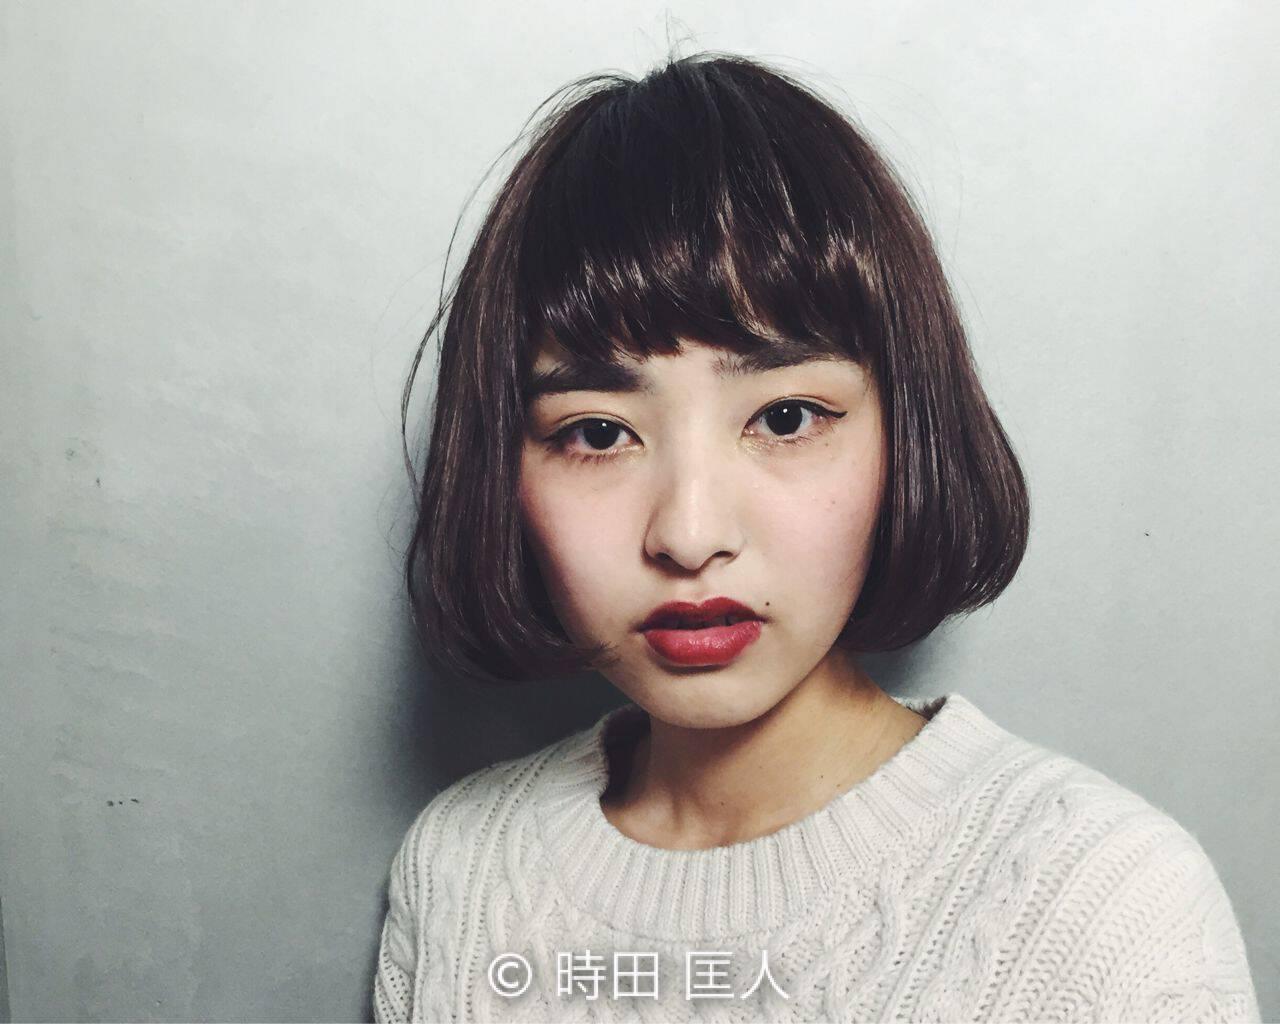 暗髪 ウェットヘア ストリート ショートヘアスタイルや髪型の写真・画像